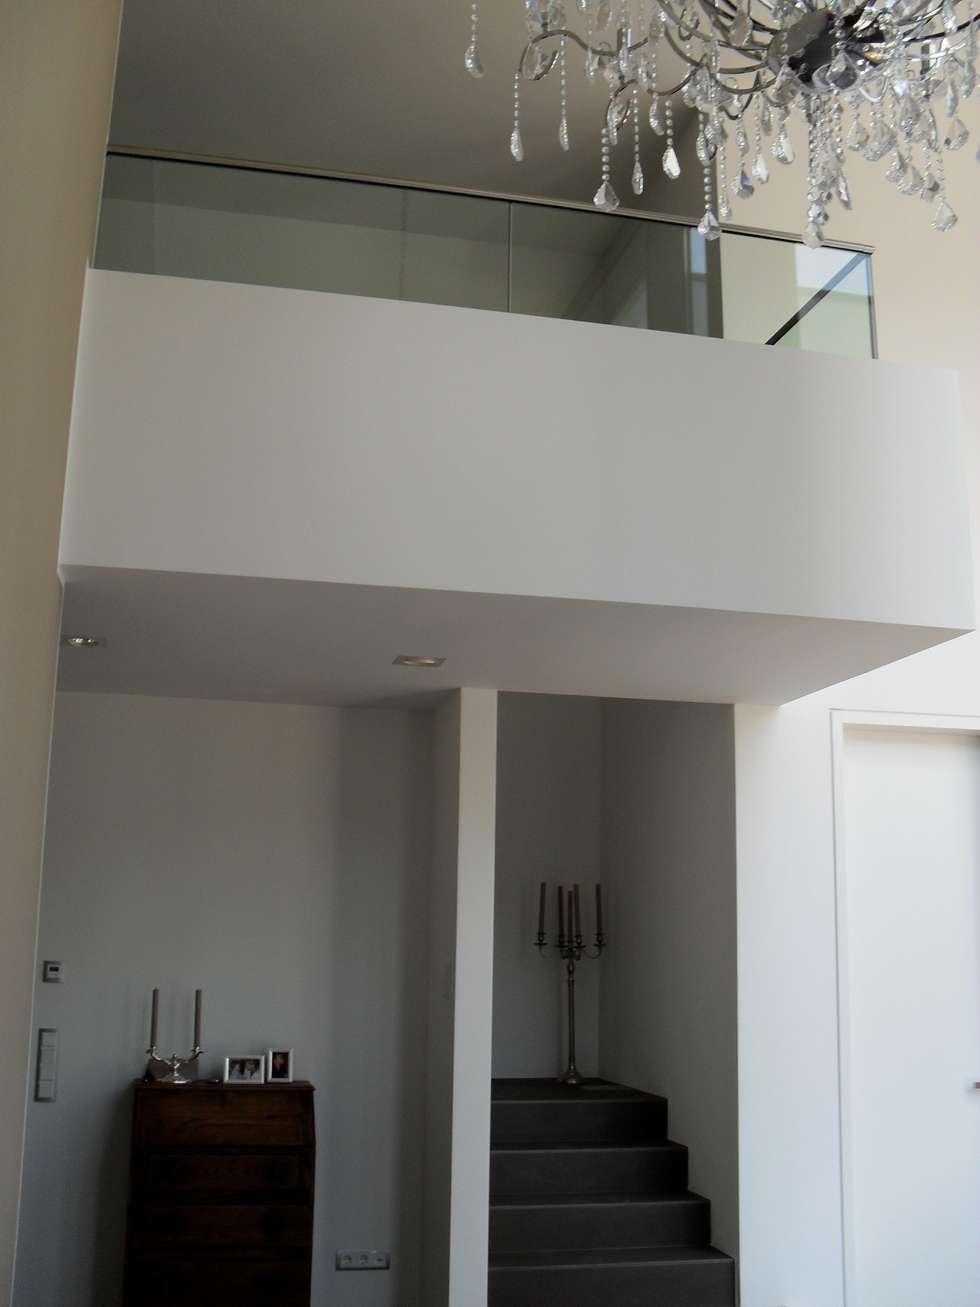 Pasillos y recibidores de estilo  por Architekturbüro Sauer-Scholta